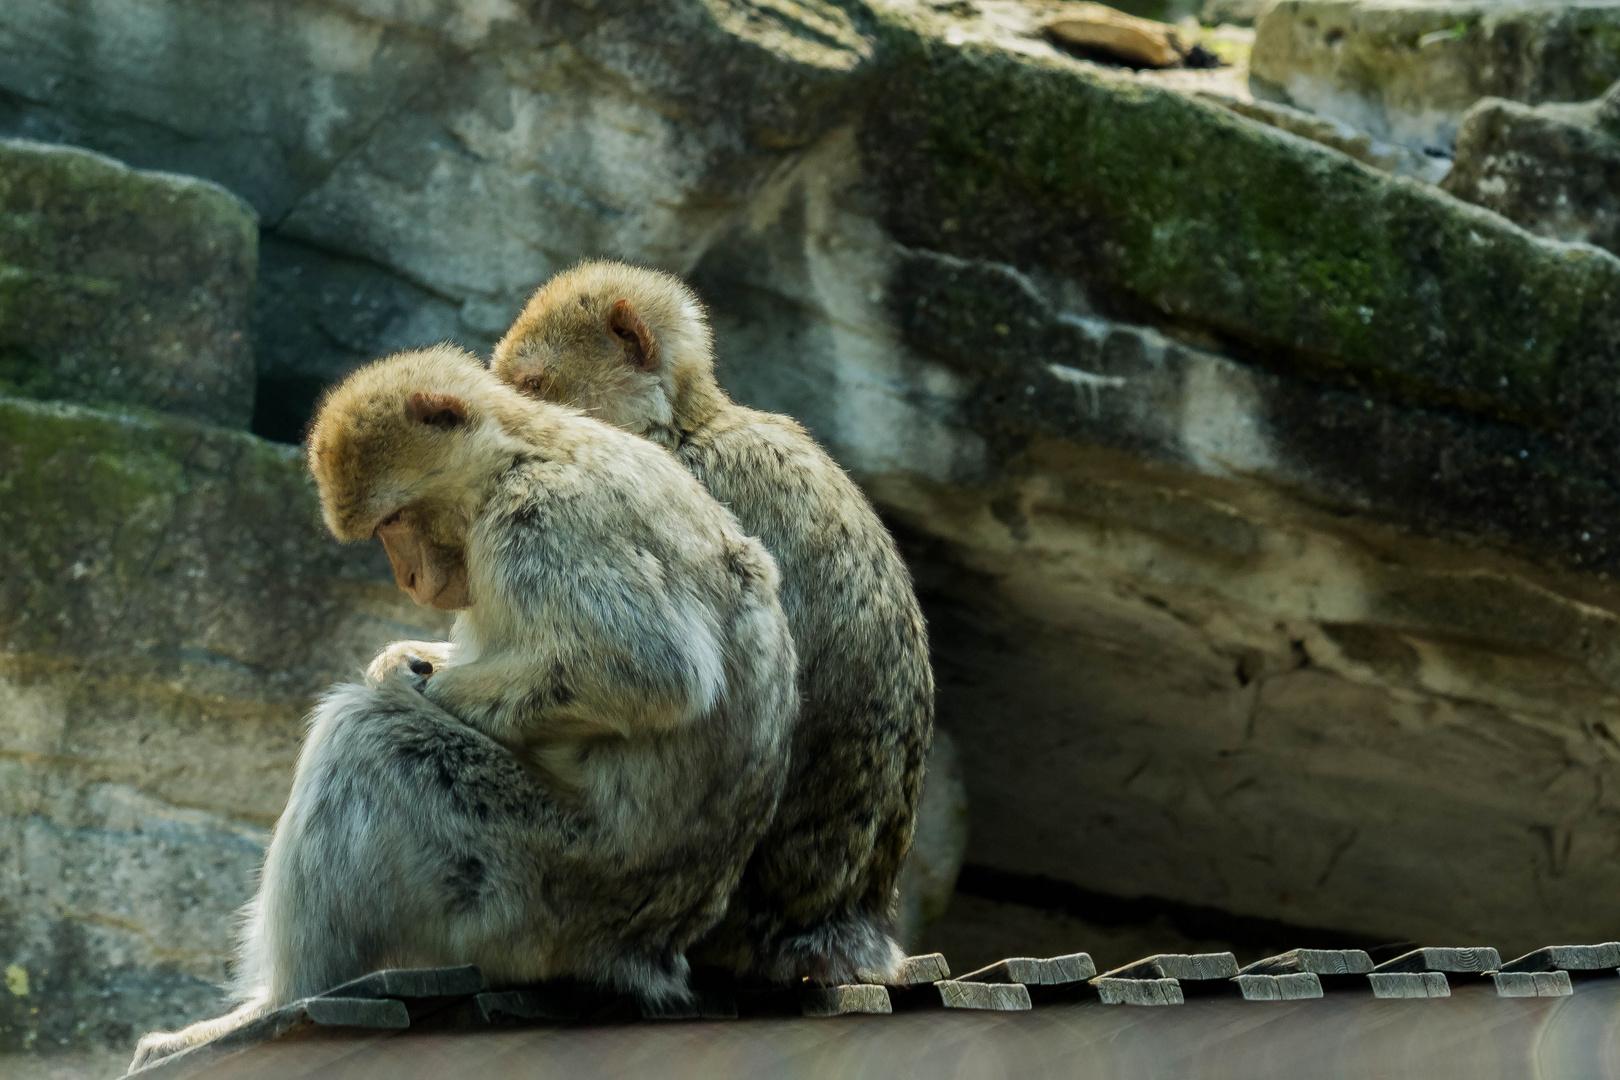 Dieser Affe kann mir doch den Buckel runter rutschen